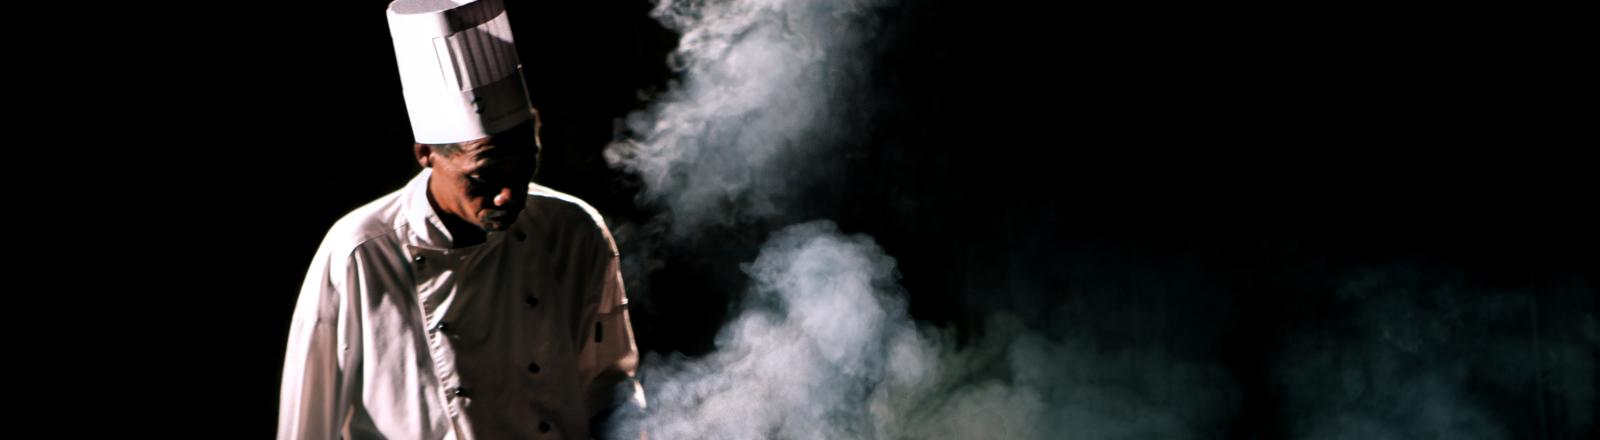 Ein Koch im Halbdunkel steht vor einer Reihe aus dampfenden Kochtöpfen